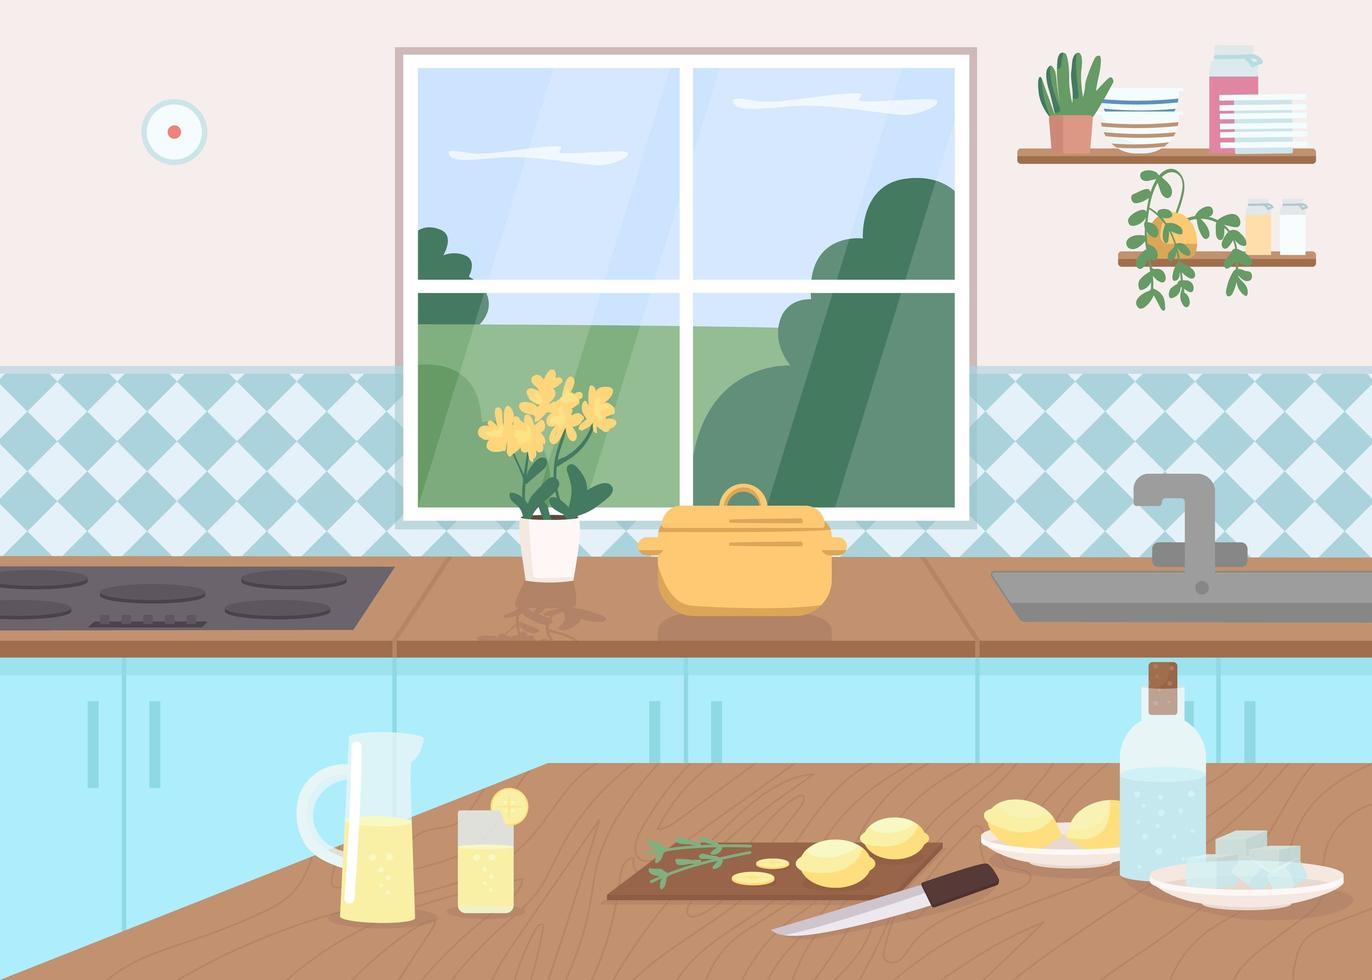 limonade de comptoir de cuisine vecteur